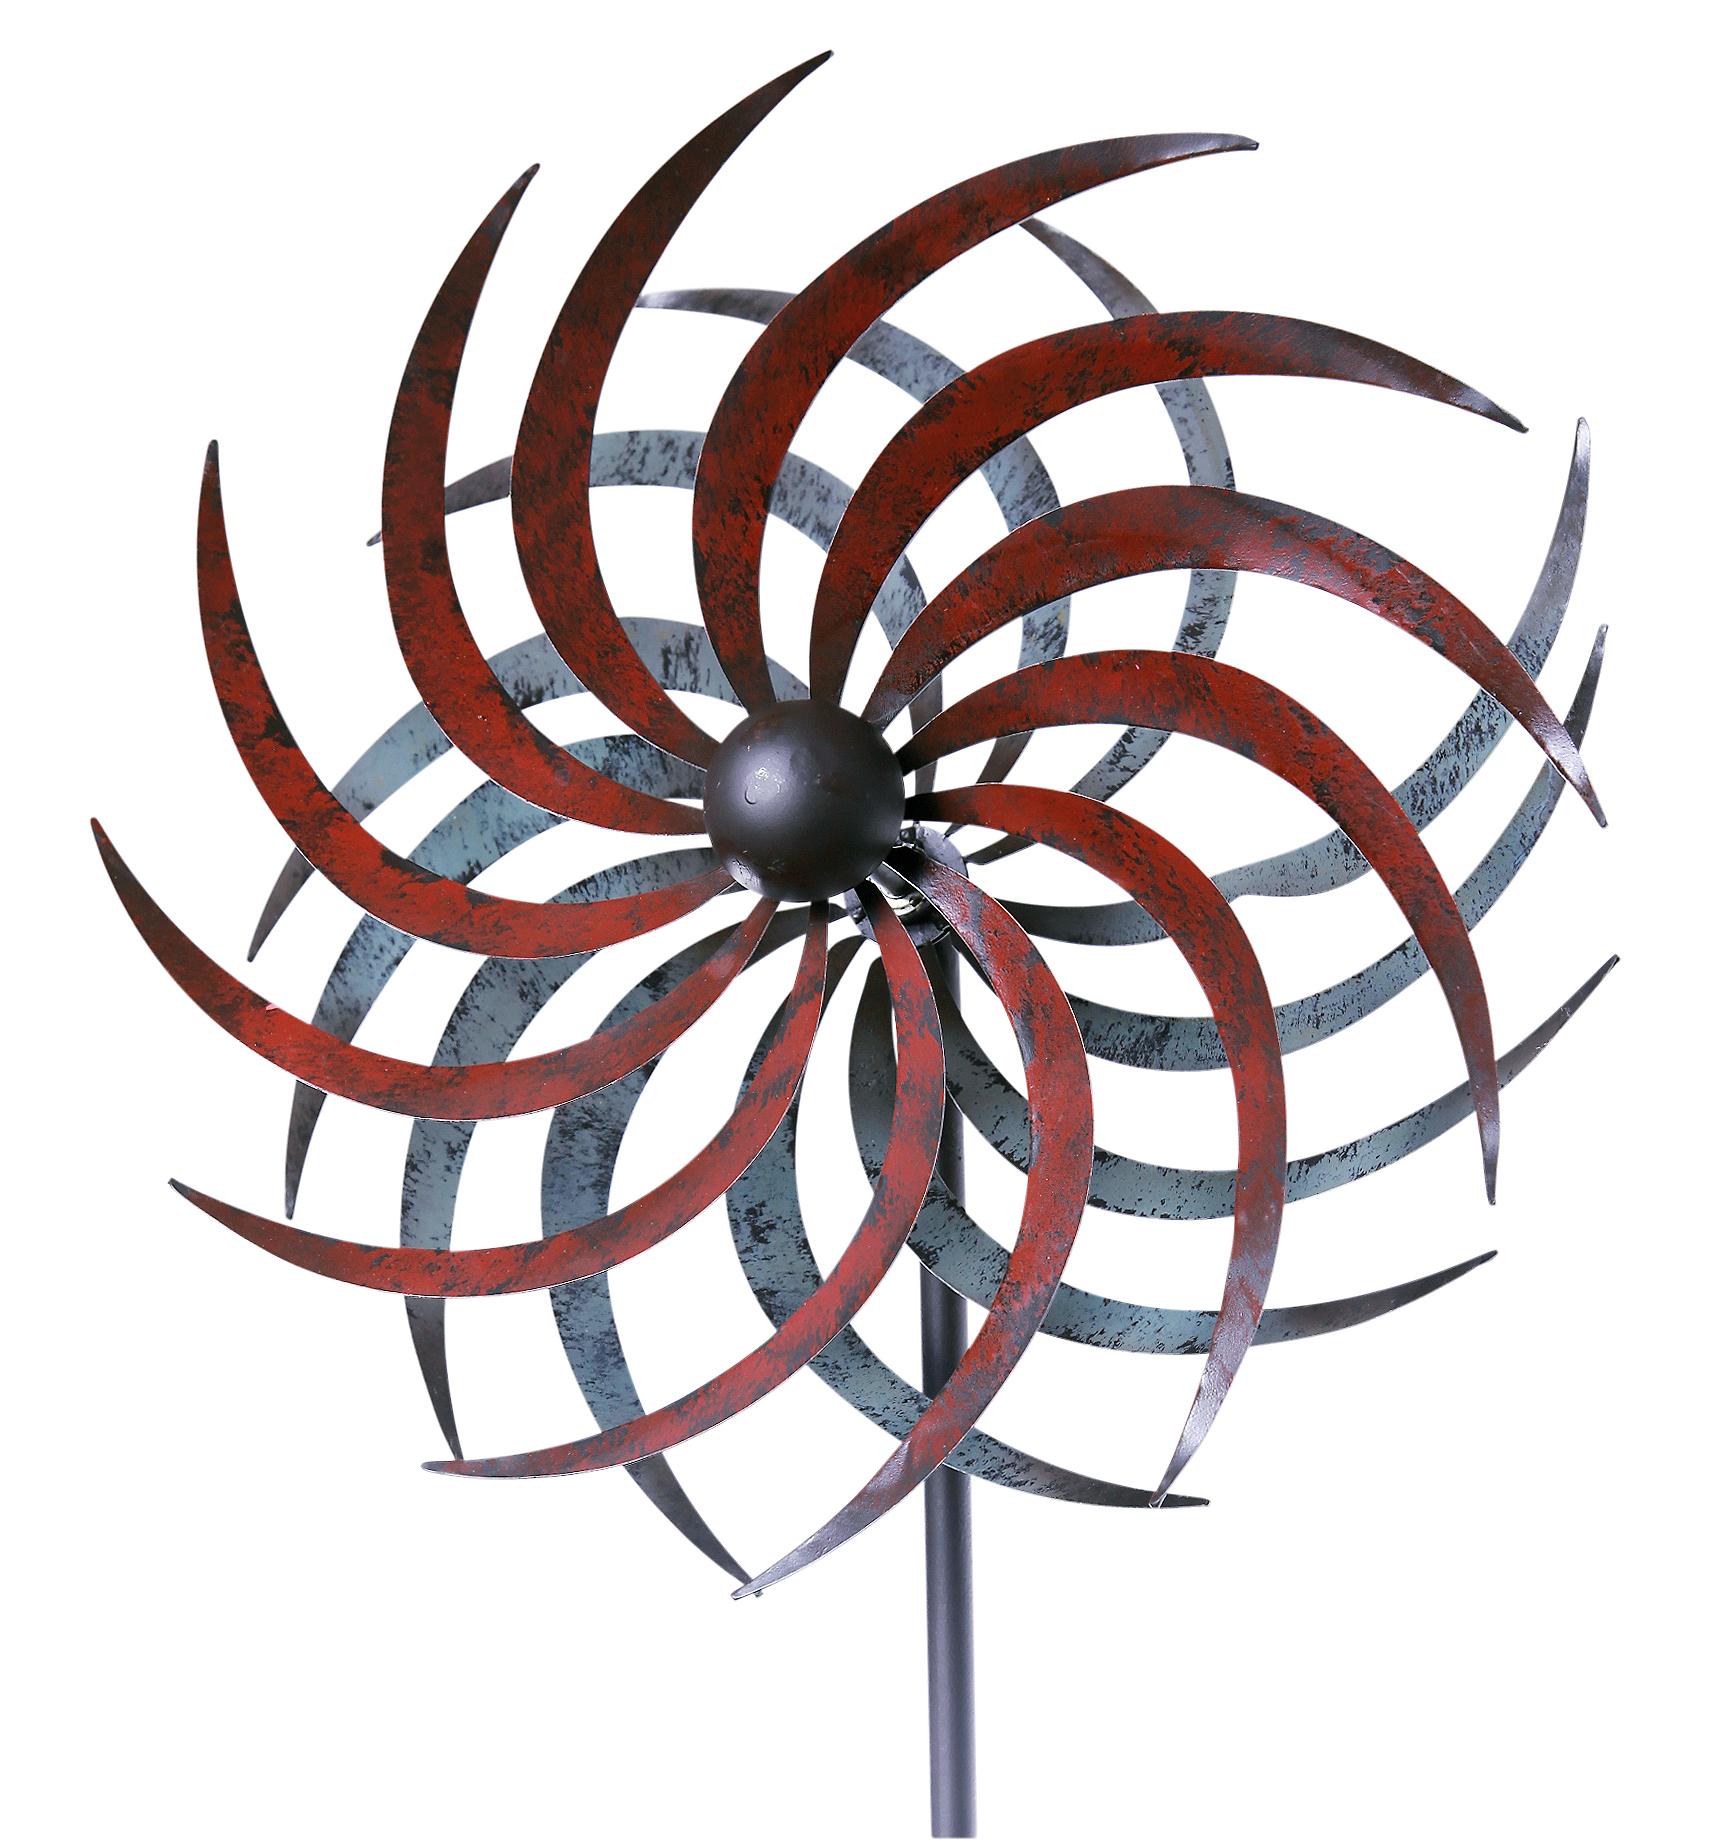 Windrad Für Den Garten mit perfekt design für ihr wohnideen